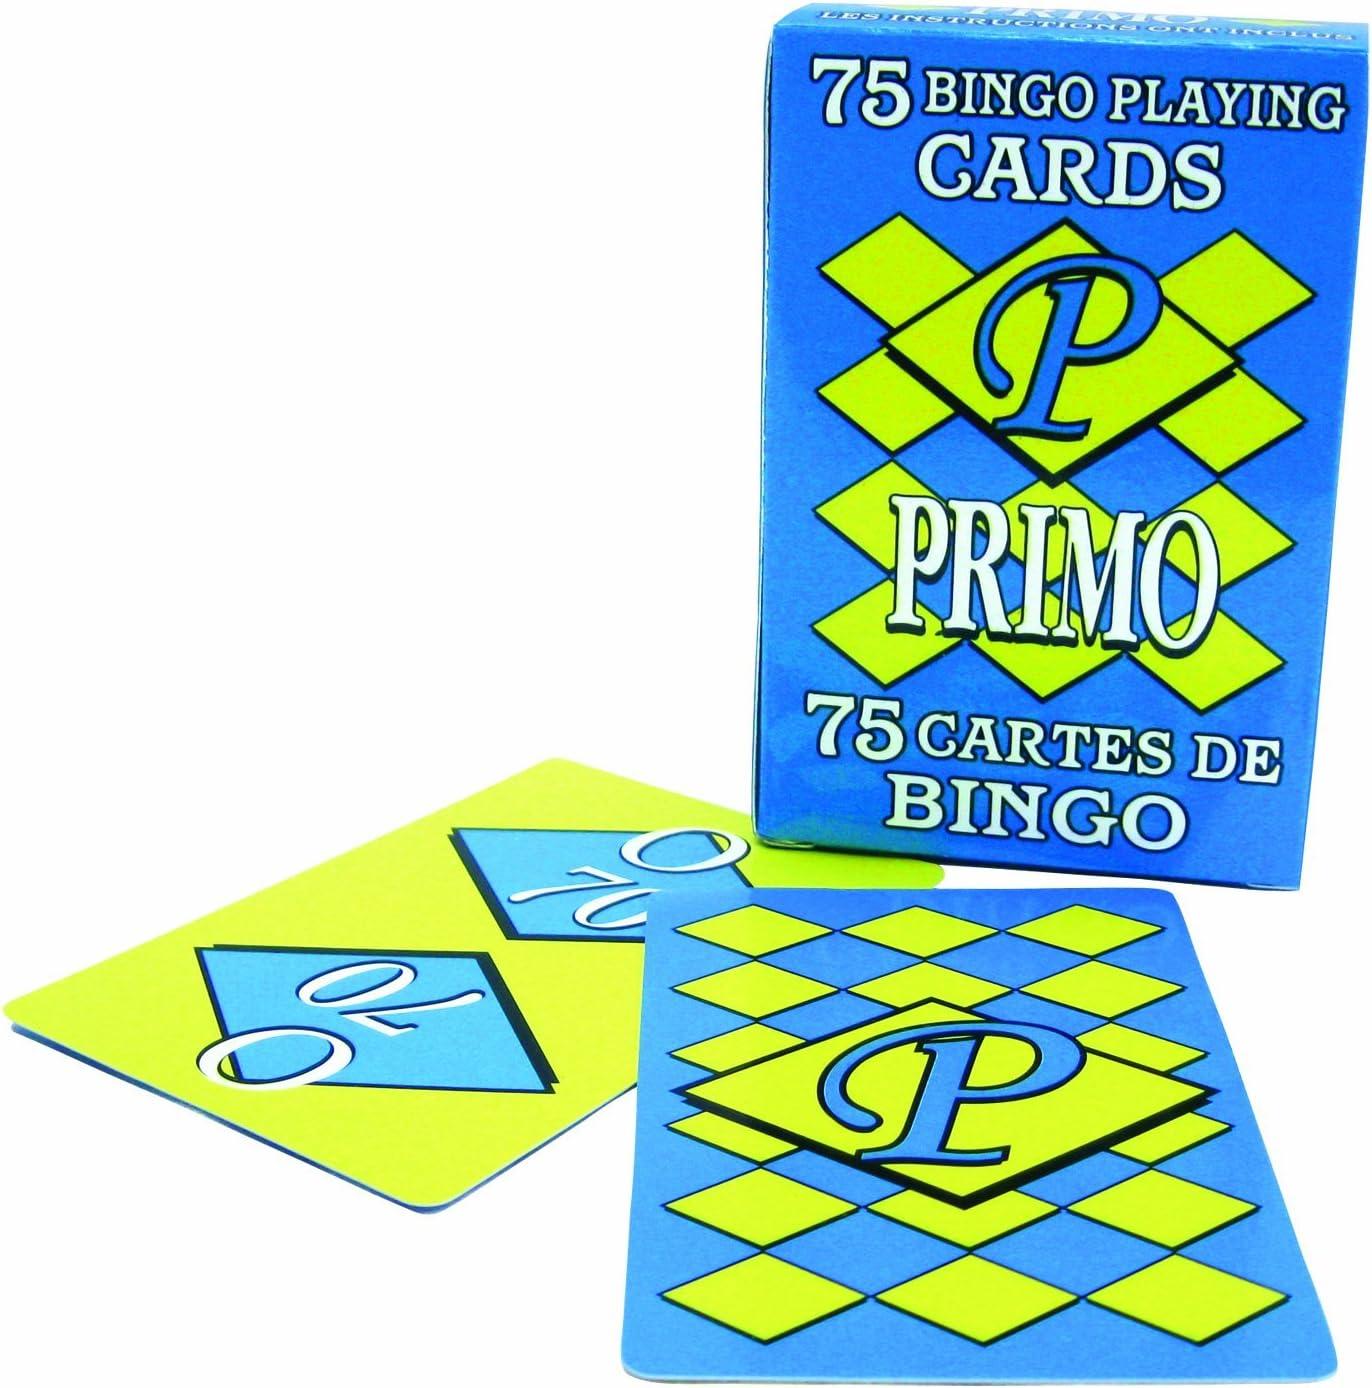 Admirable Bingo Cartes d'appel 75 / Emb: Amazon.ca: Home & Kitchen KN-18